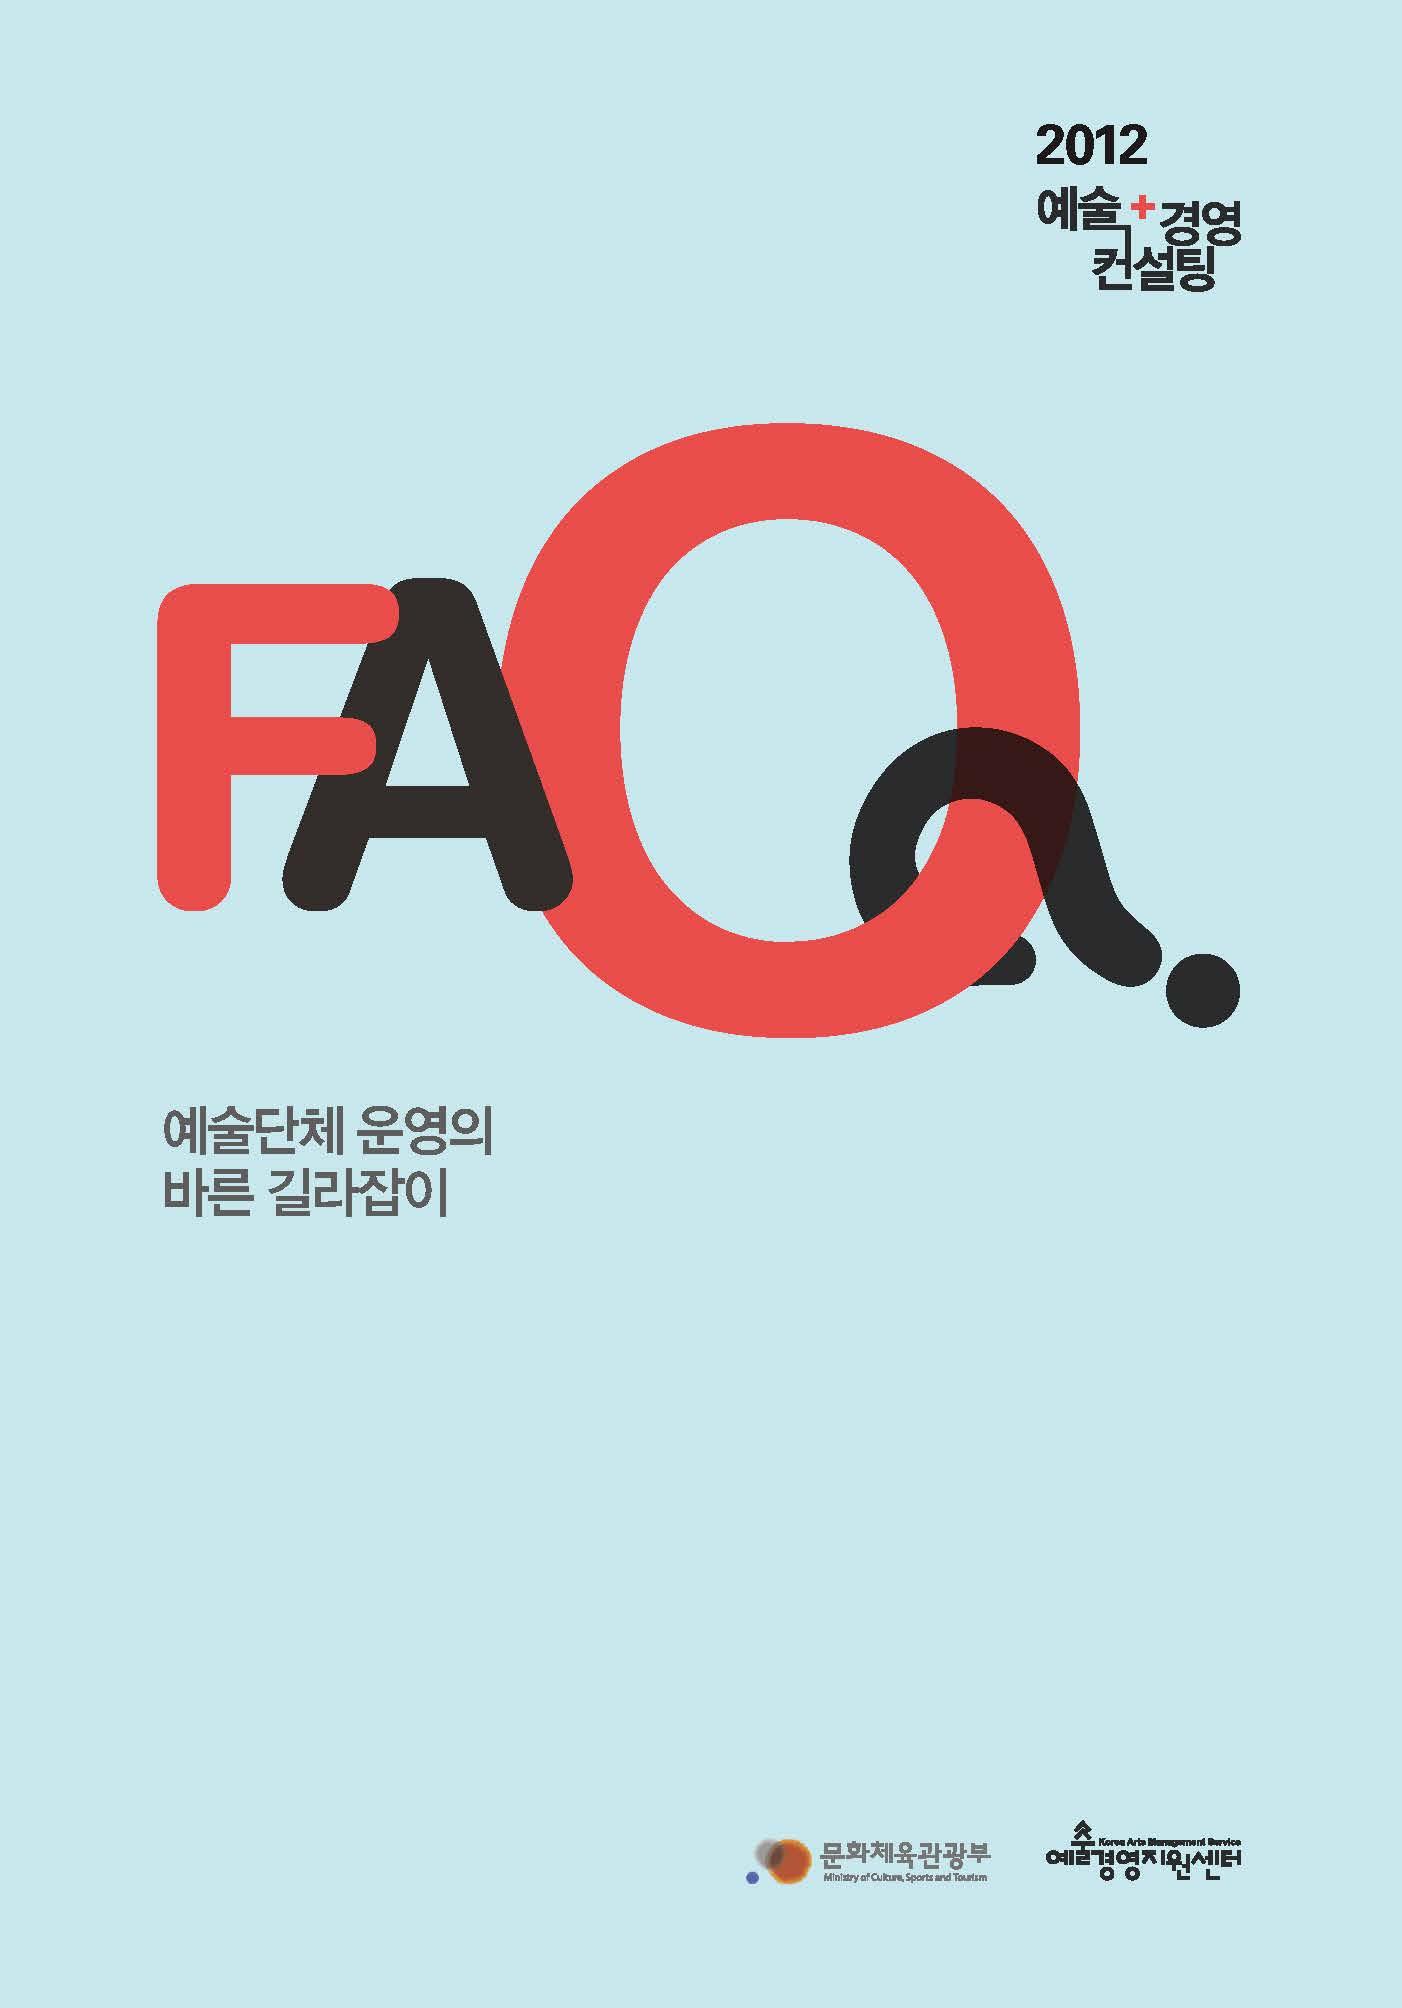 <2012 예술경영컨설팅 FAQ>